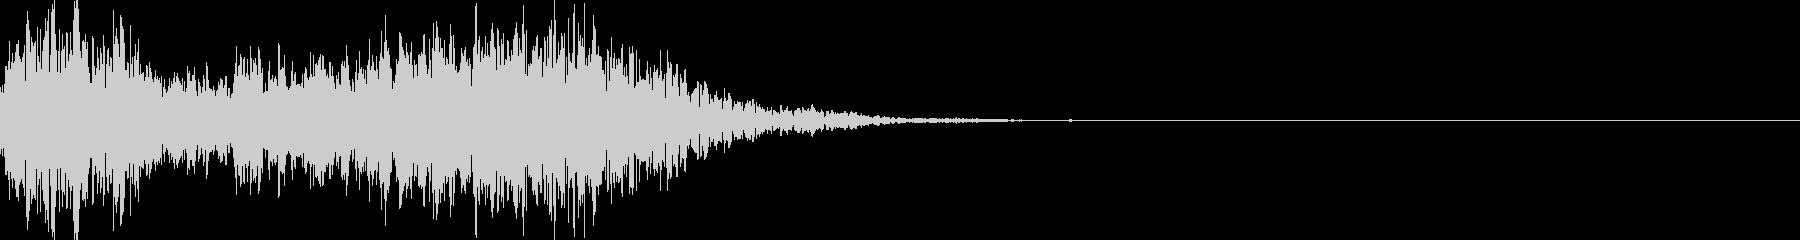 太鼓の和太鼓フレーズ/和風ジングル 37の未再生の波形